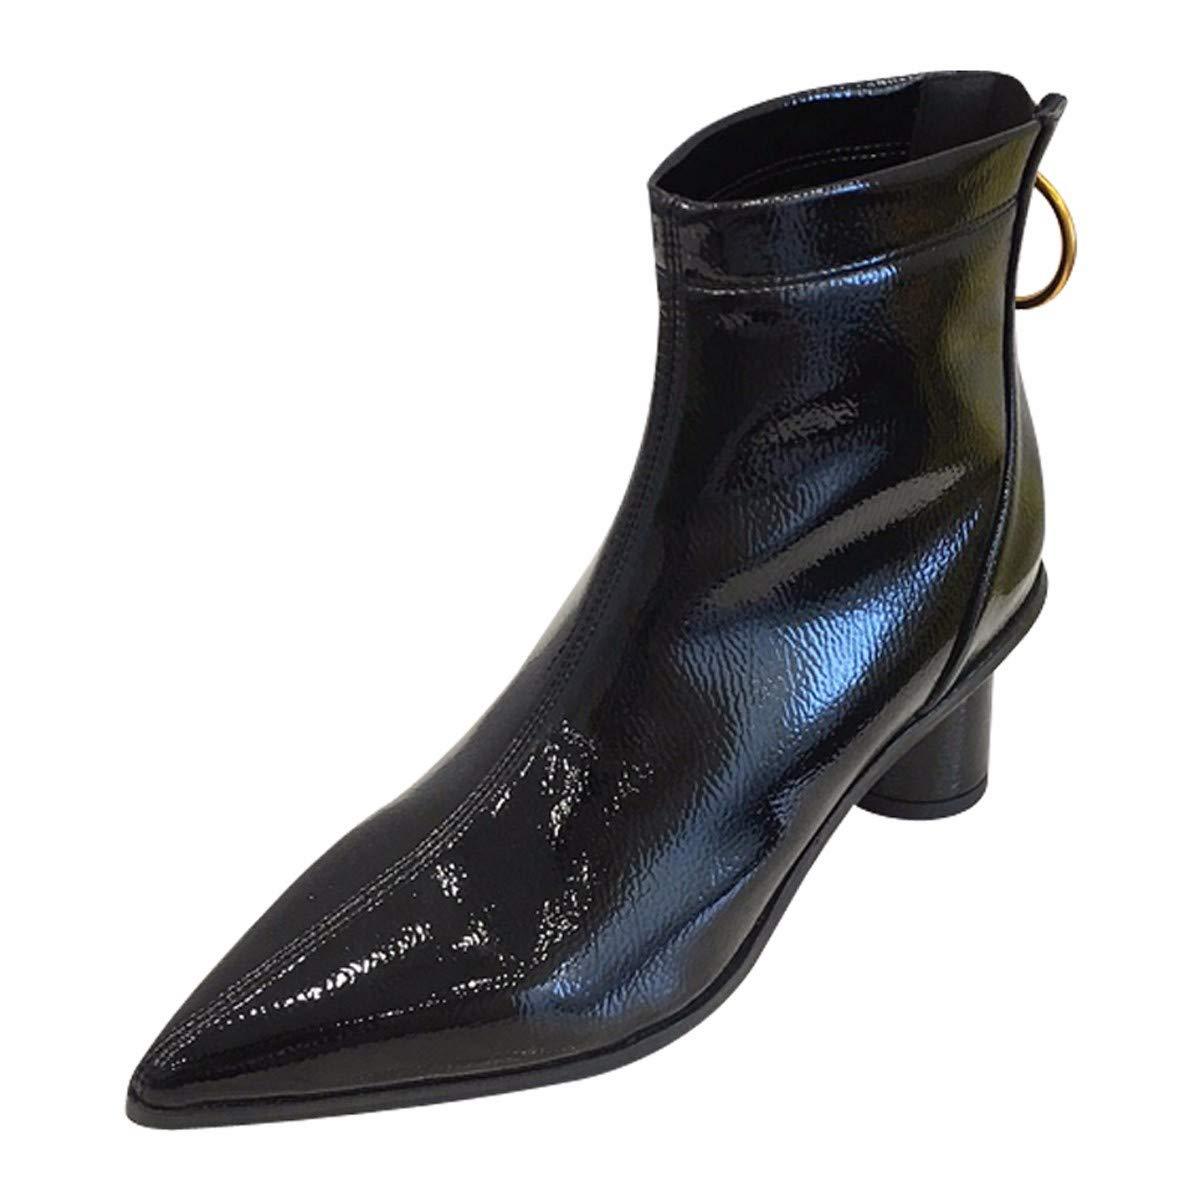 LBTSQ-Mode Damenschuhe Nahe Bei Martin Stiefel Mit Hohen 5Cm Harte Sohle Spitzer Kopf Lack Stiefel Kurze Stiefel Im Frühjahr Und Herbst Kurze Stiefel.